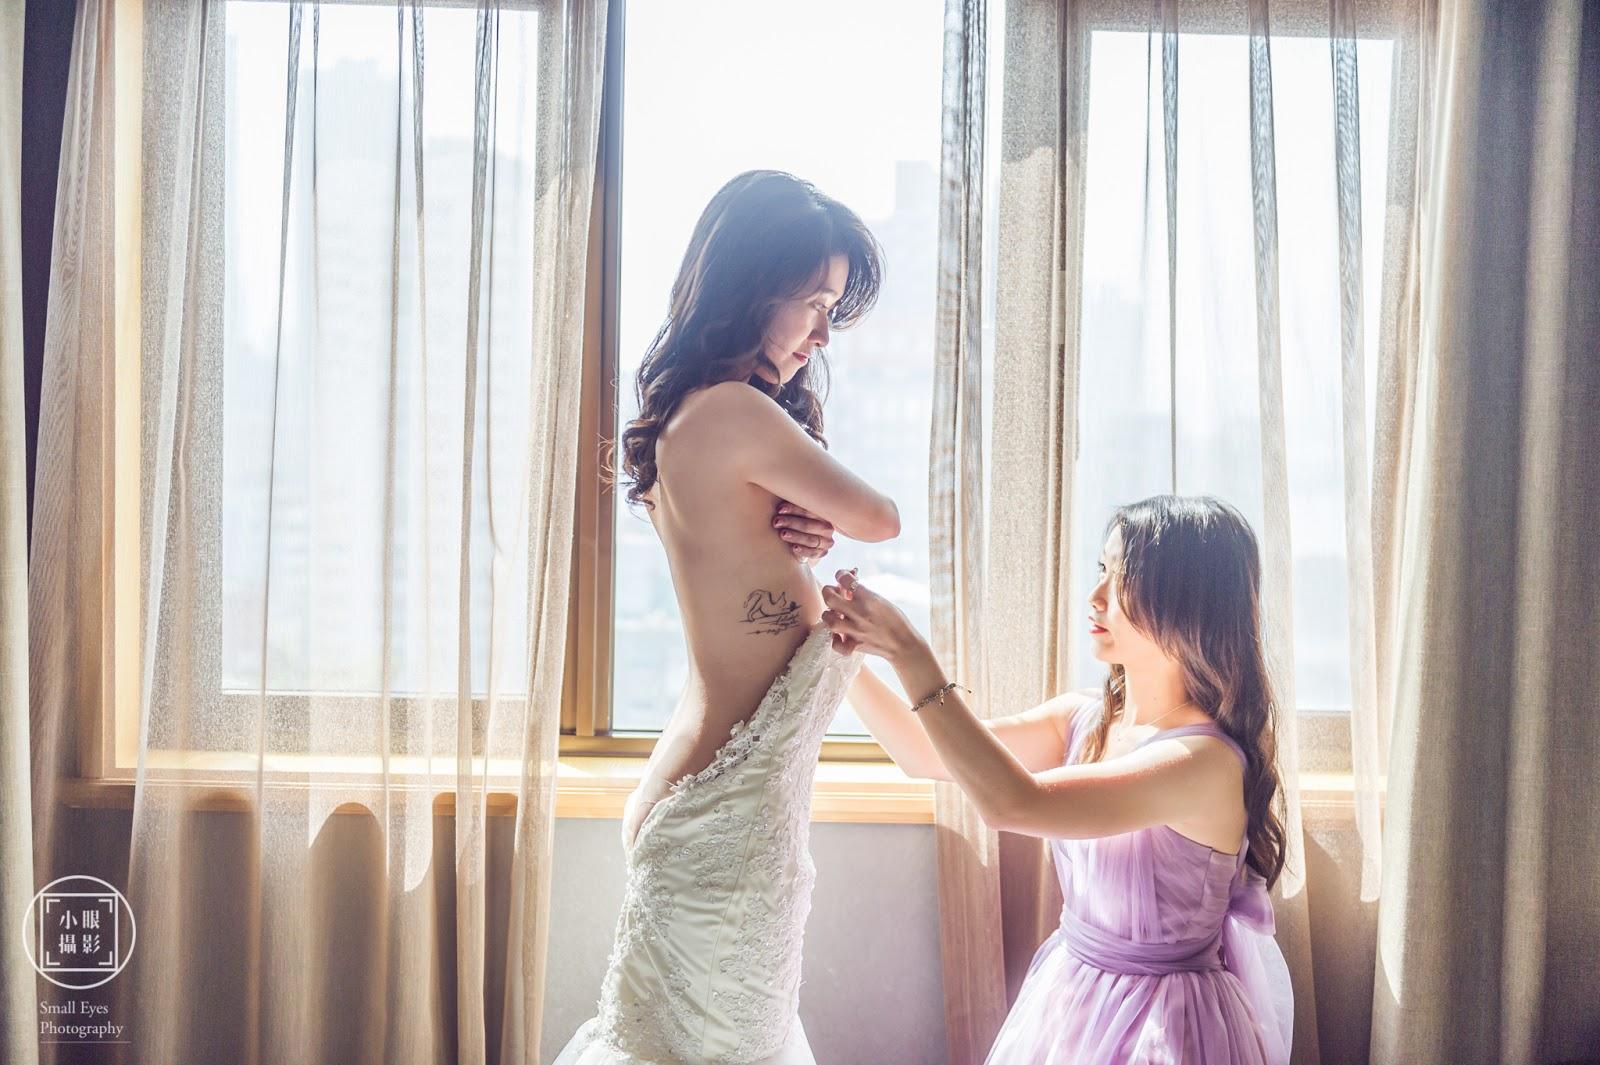 婚攝,小眼攝影,婚禮紀實,婚禮紀錄,婚紗,國內婚紗,海外婚紗,寫真,婚攝小眼,台北國賓大飯店,國賓